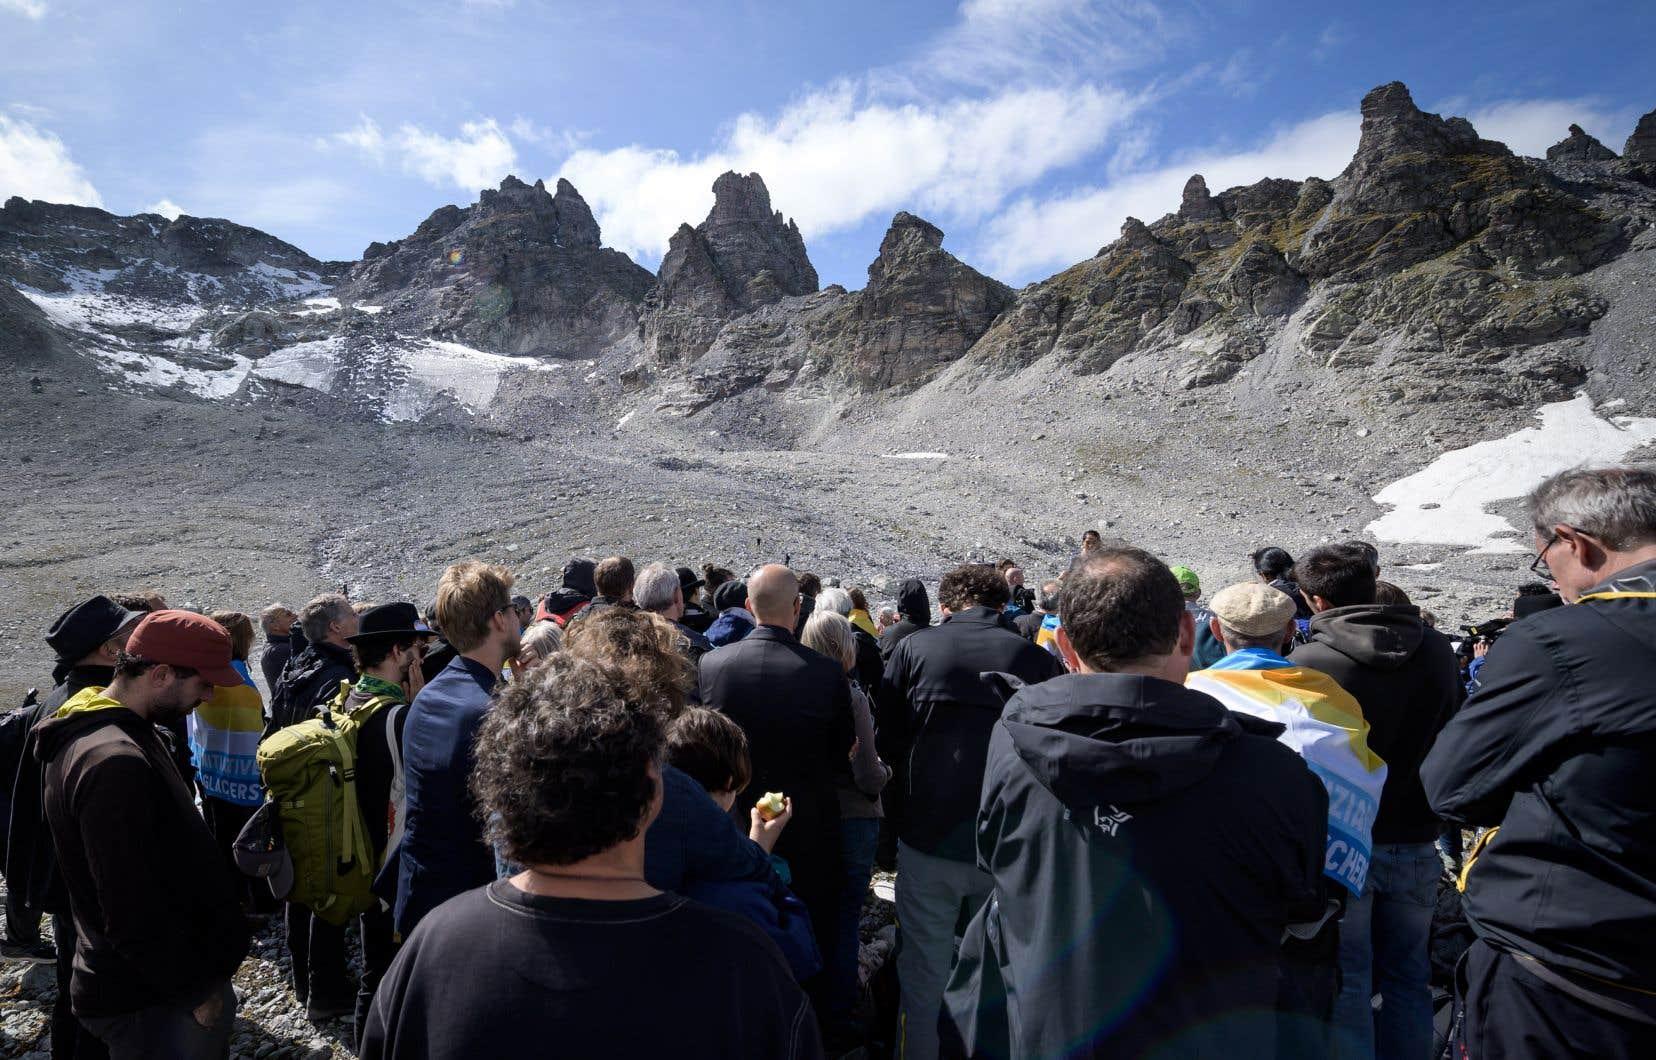 """«Nous sommes là pour dire """"Au revoir""""» au Pizol, a déclaré à la foule Matthias Huss, glaciologue à l'École polytechnique fédérale de Zurich."""